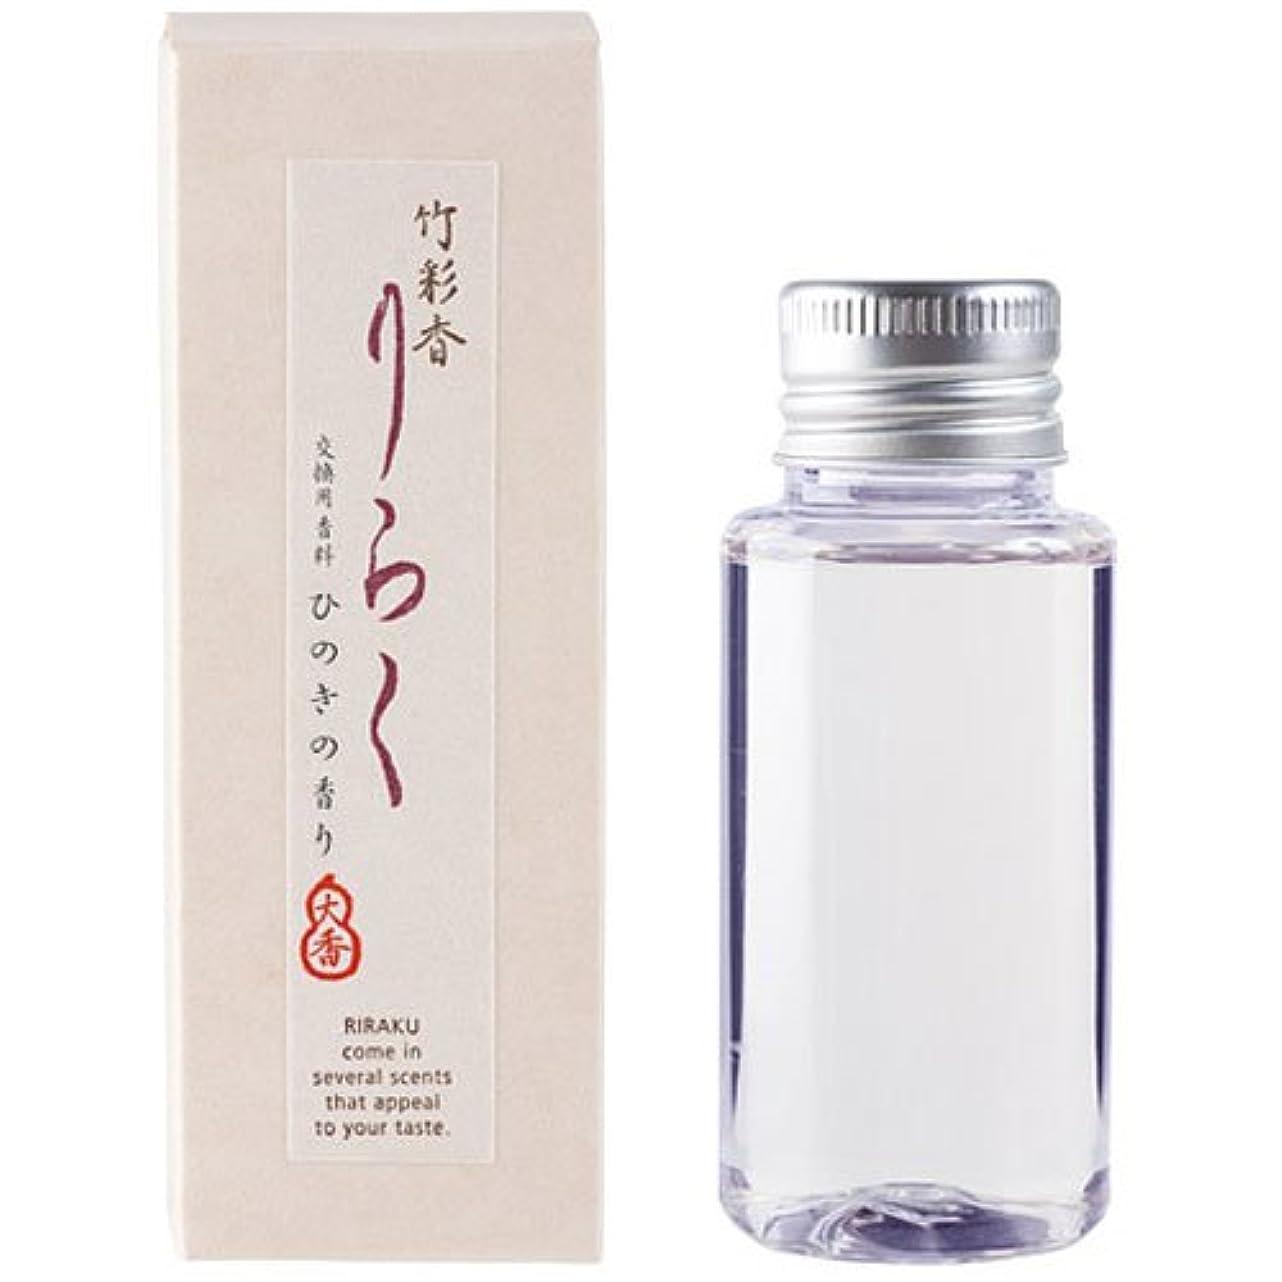 悪化させる水平機構竹彩香りらく 交換用香料ひのき 50ml